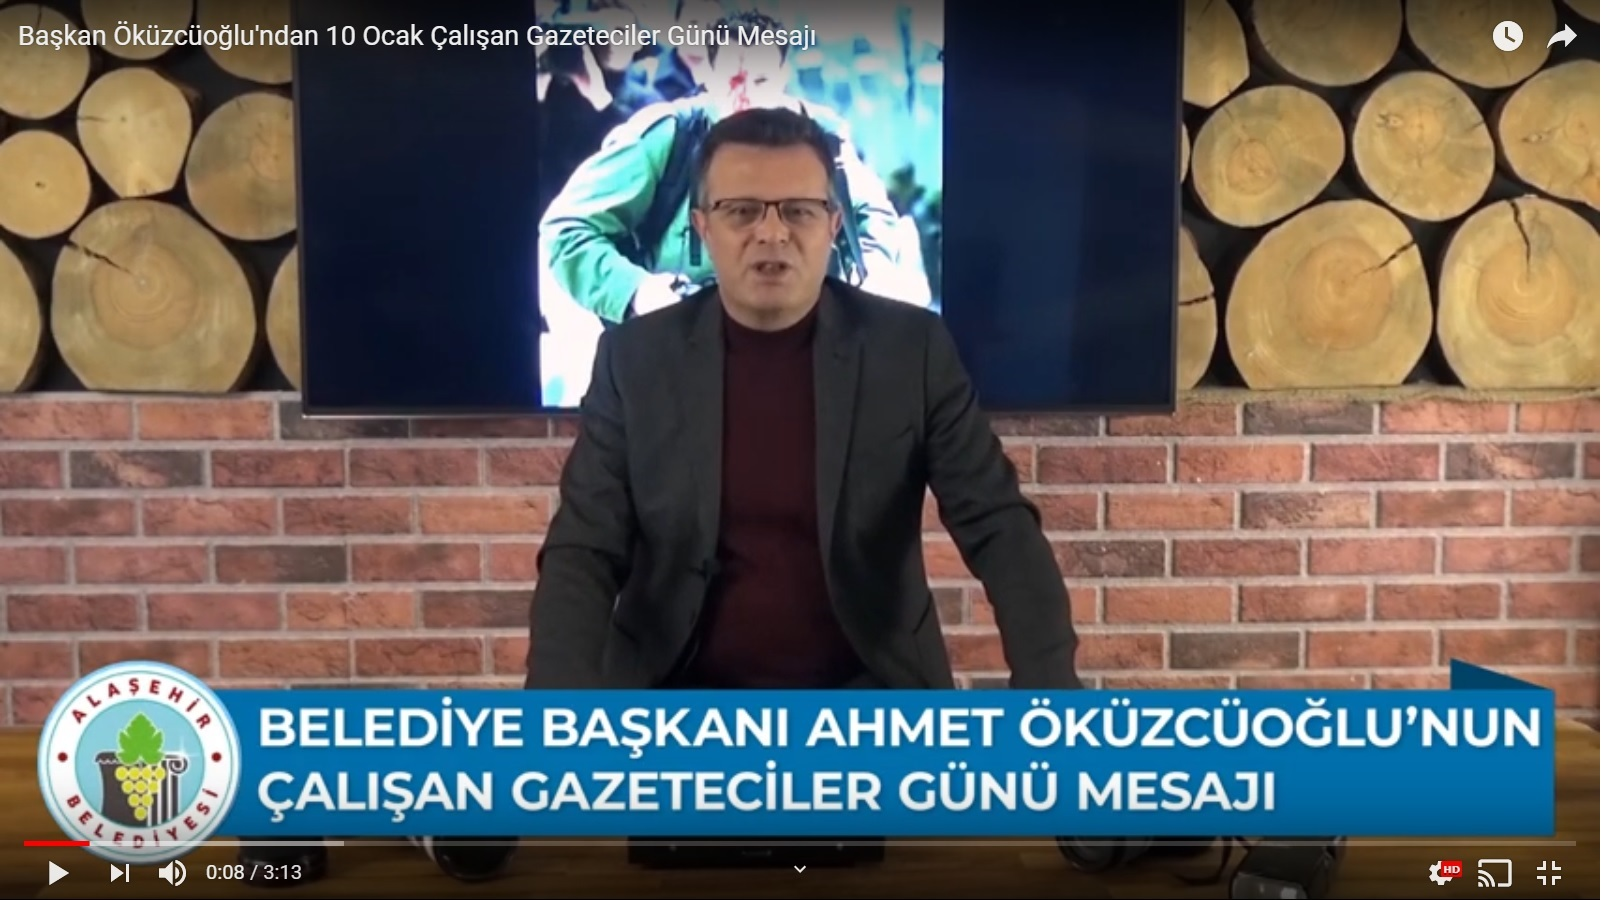 Başkan Öküzcüoğlu'ndan 10 Ocak Çalışan Gazeteciler Günü Mesajı